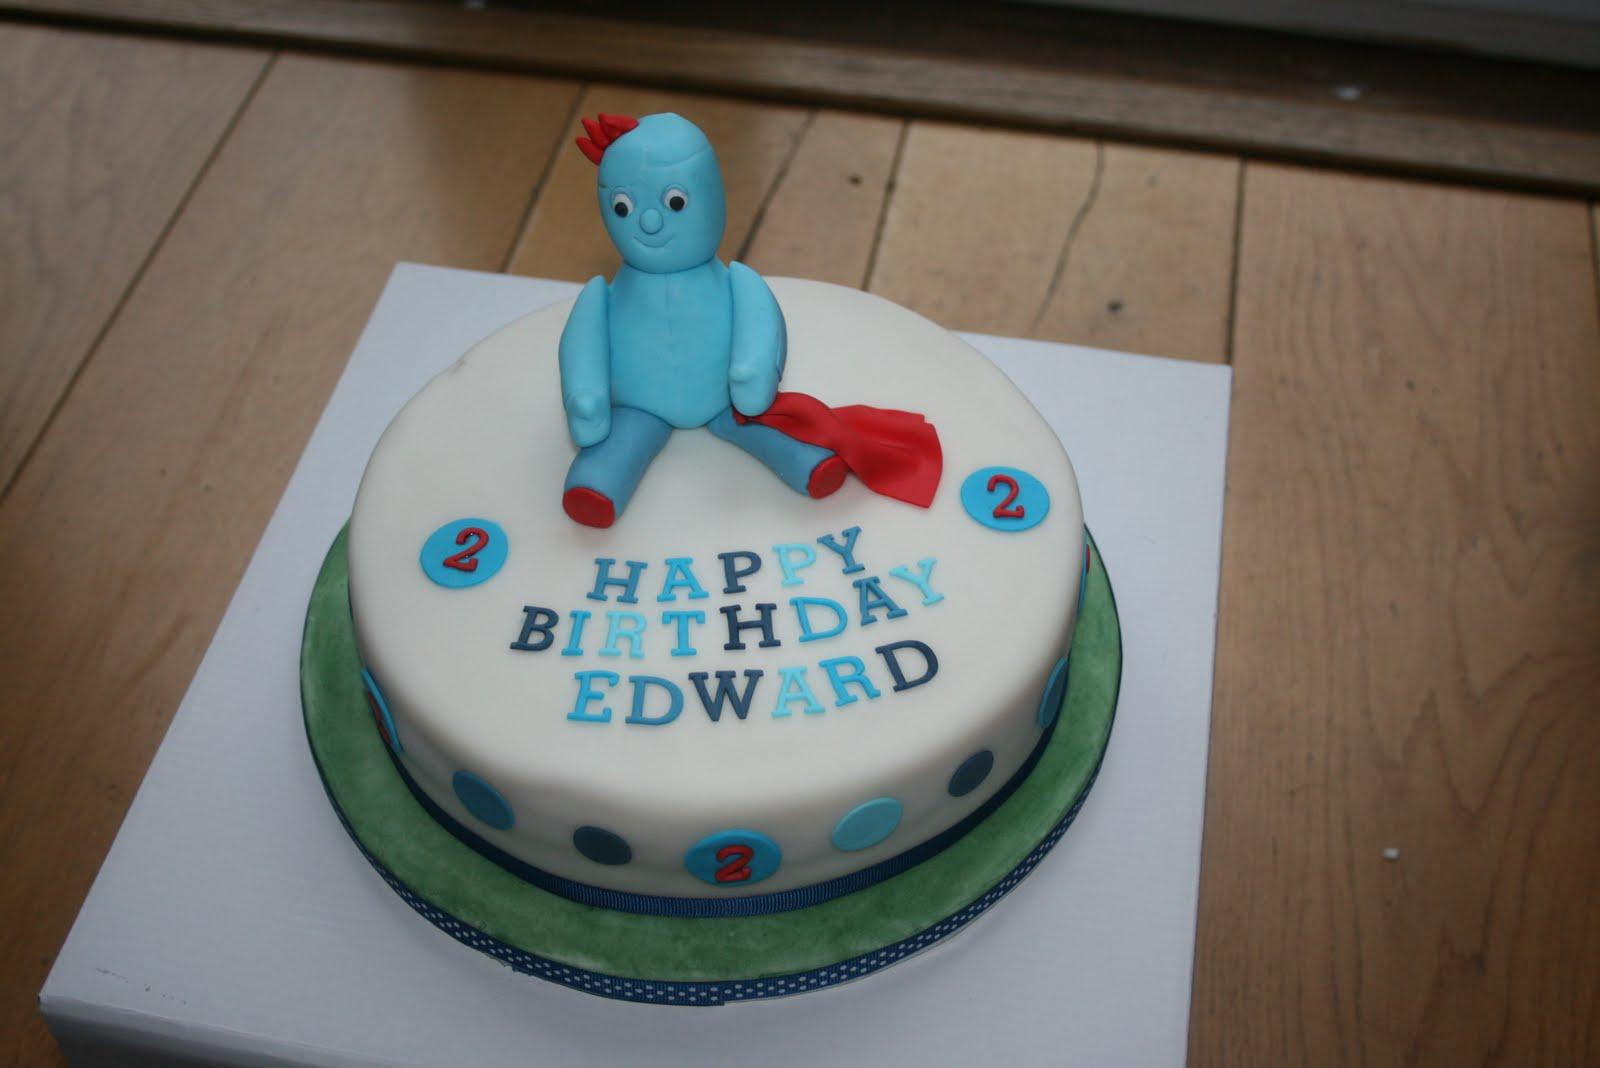 http://2.bp.blogspot.com/_qVodjxE8fos/TJZ4P29K9MI/AAAAAAAAABg/X5kWZHLLESI/s1600/cakes+019.JPG